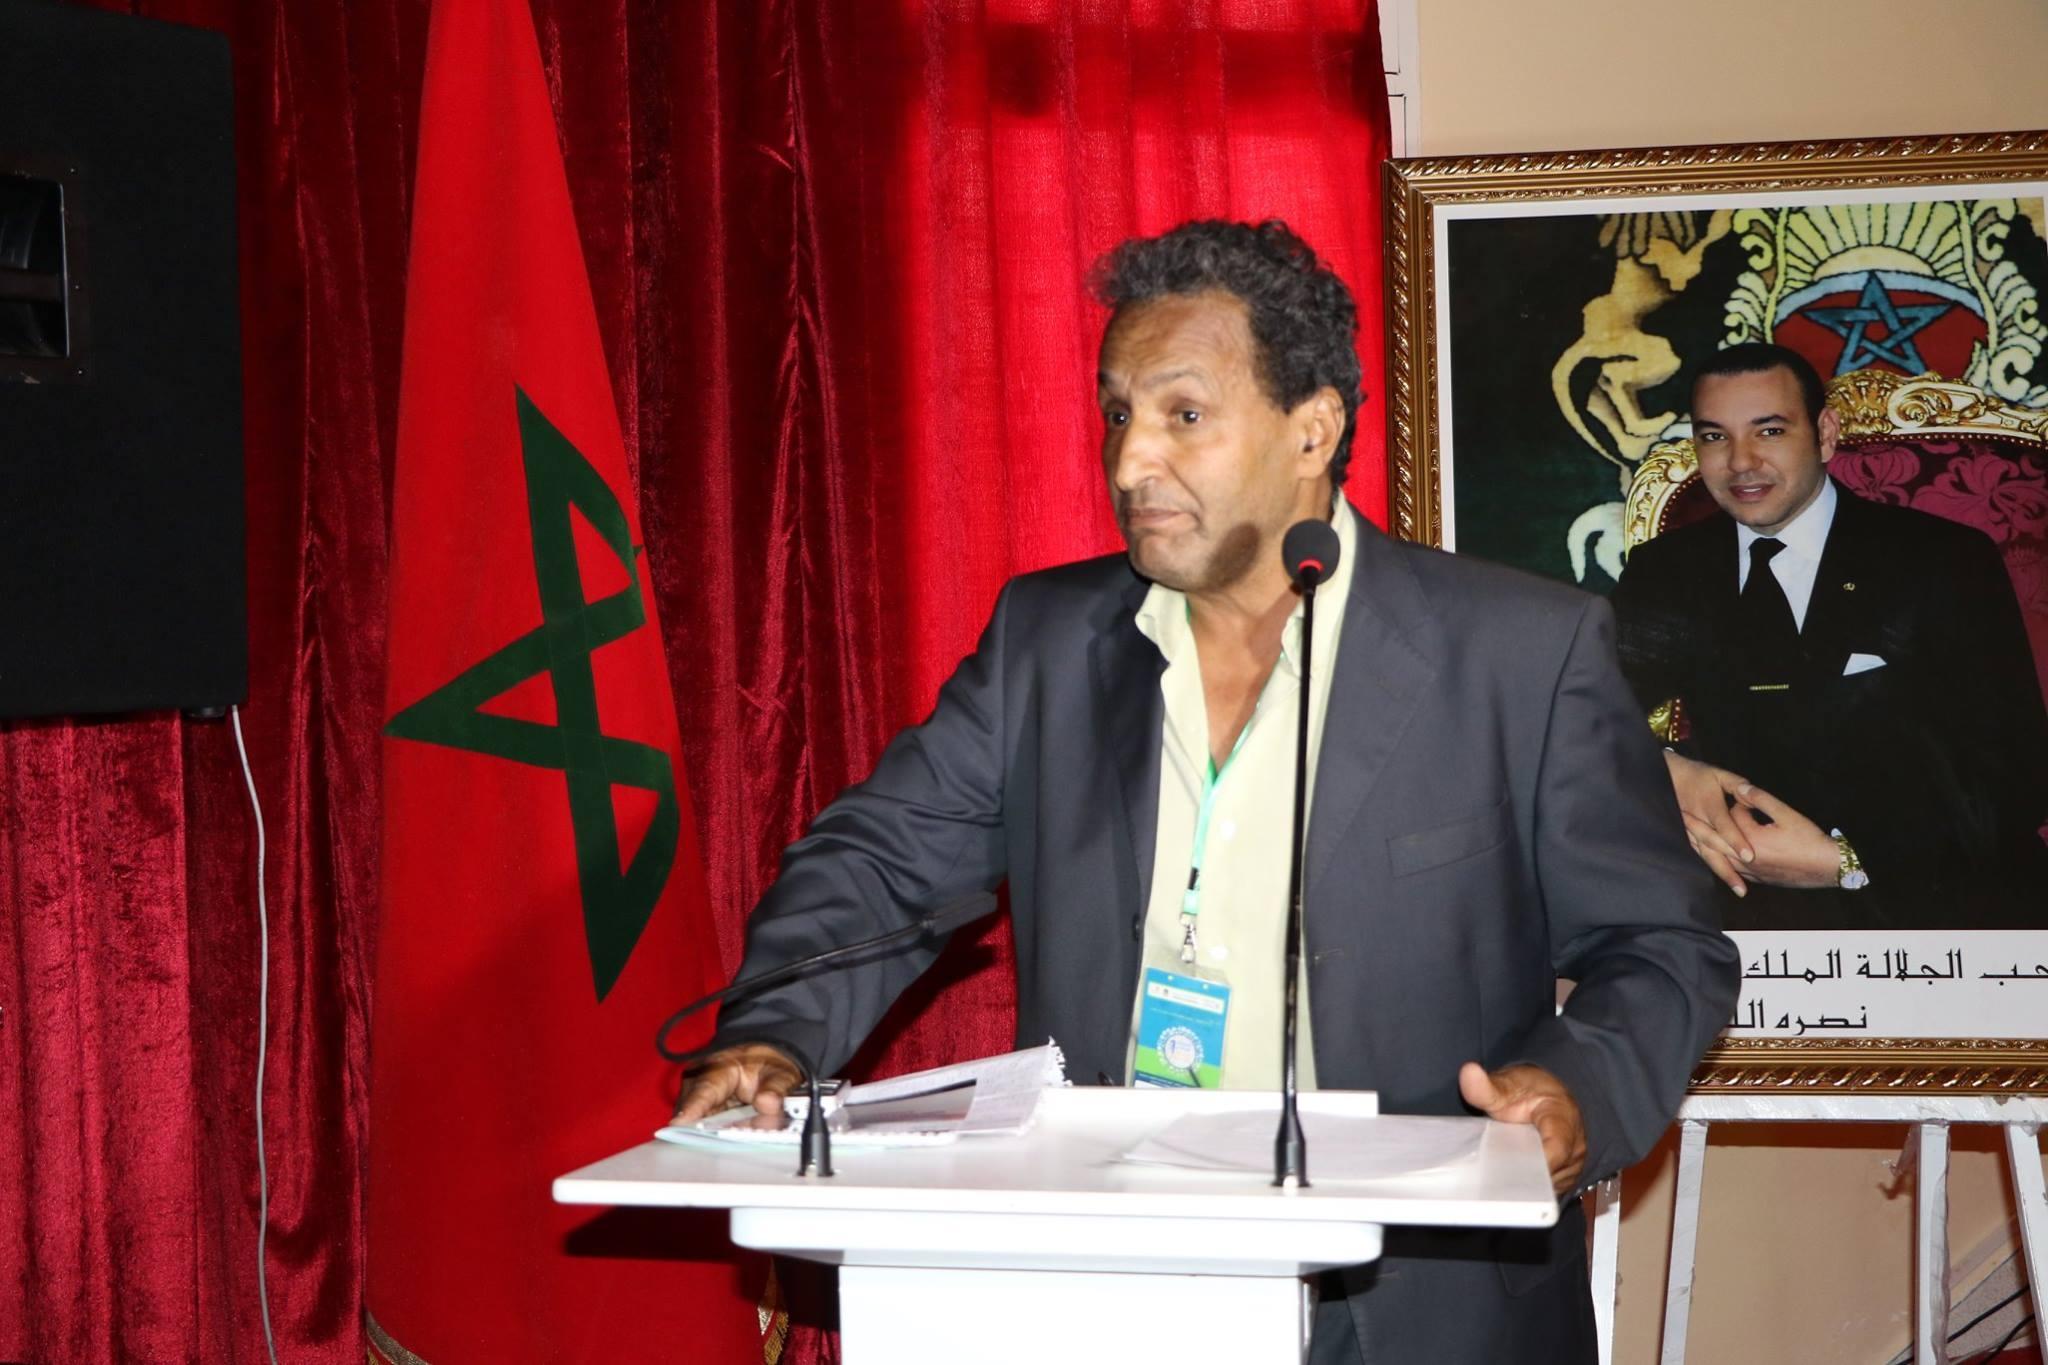 Photo of للذكرى / النقابة المستقلة للصحافيين المغاربة في الملتقى الوطني الأول للصحافة والإعلام بأسا الزاك